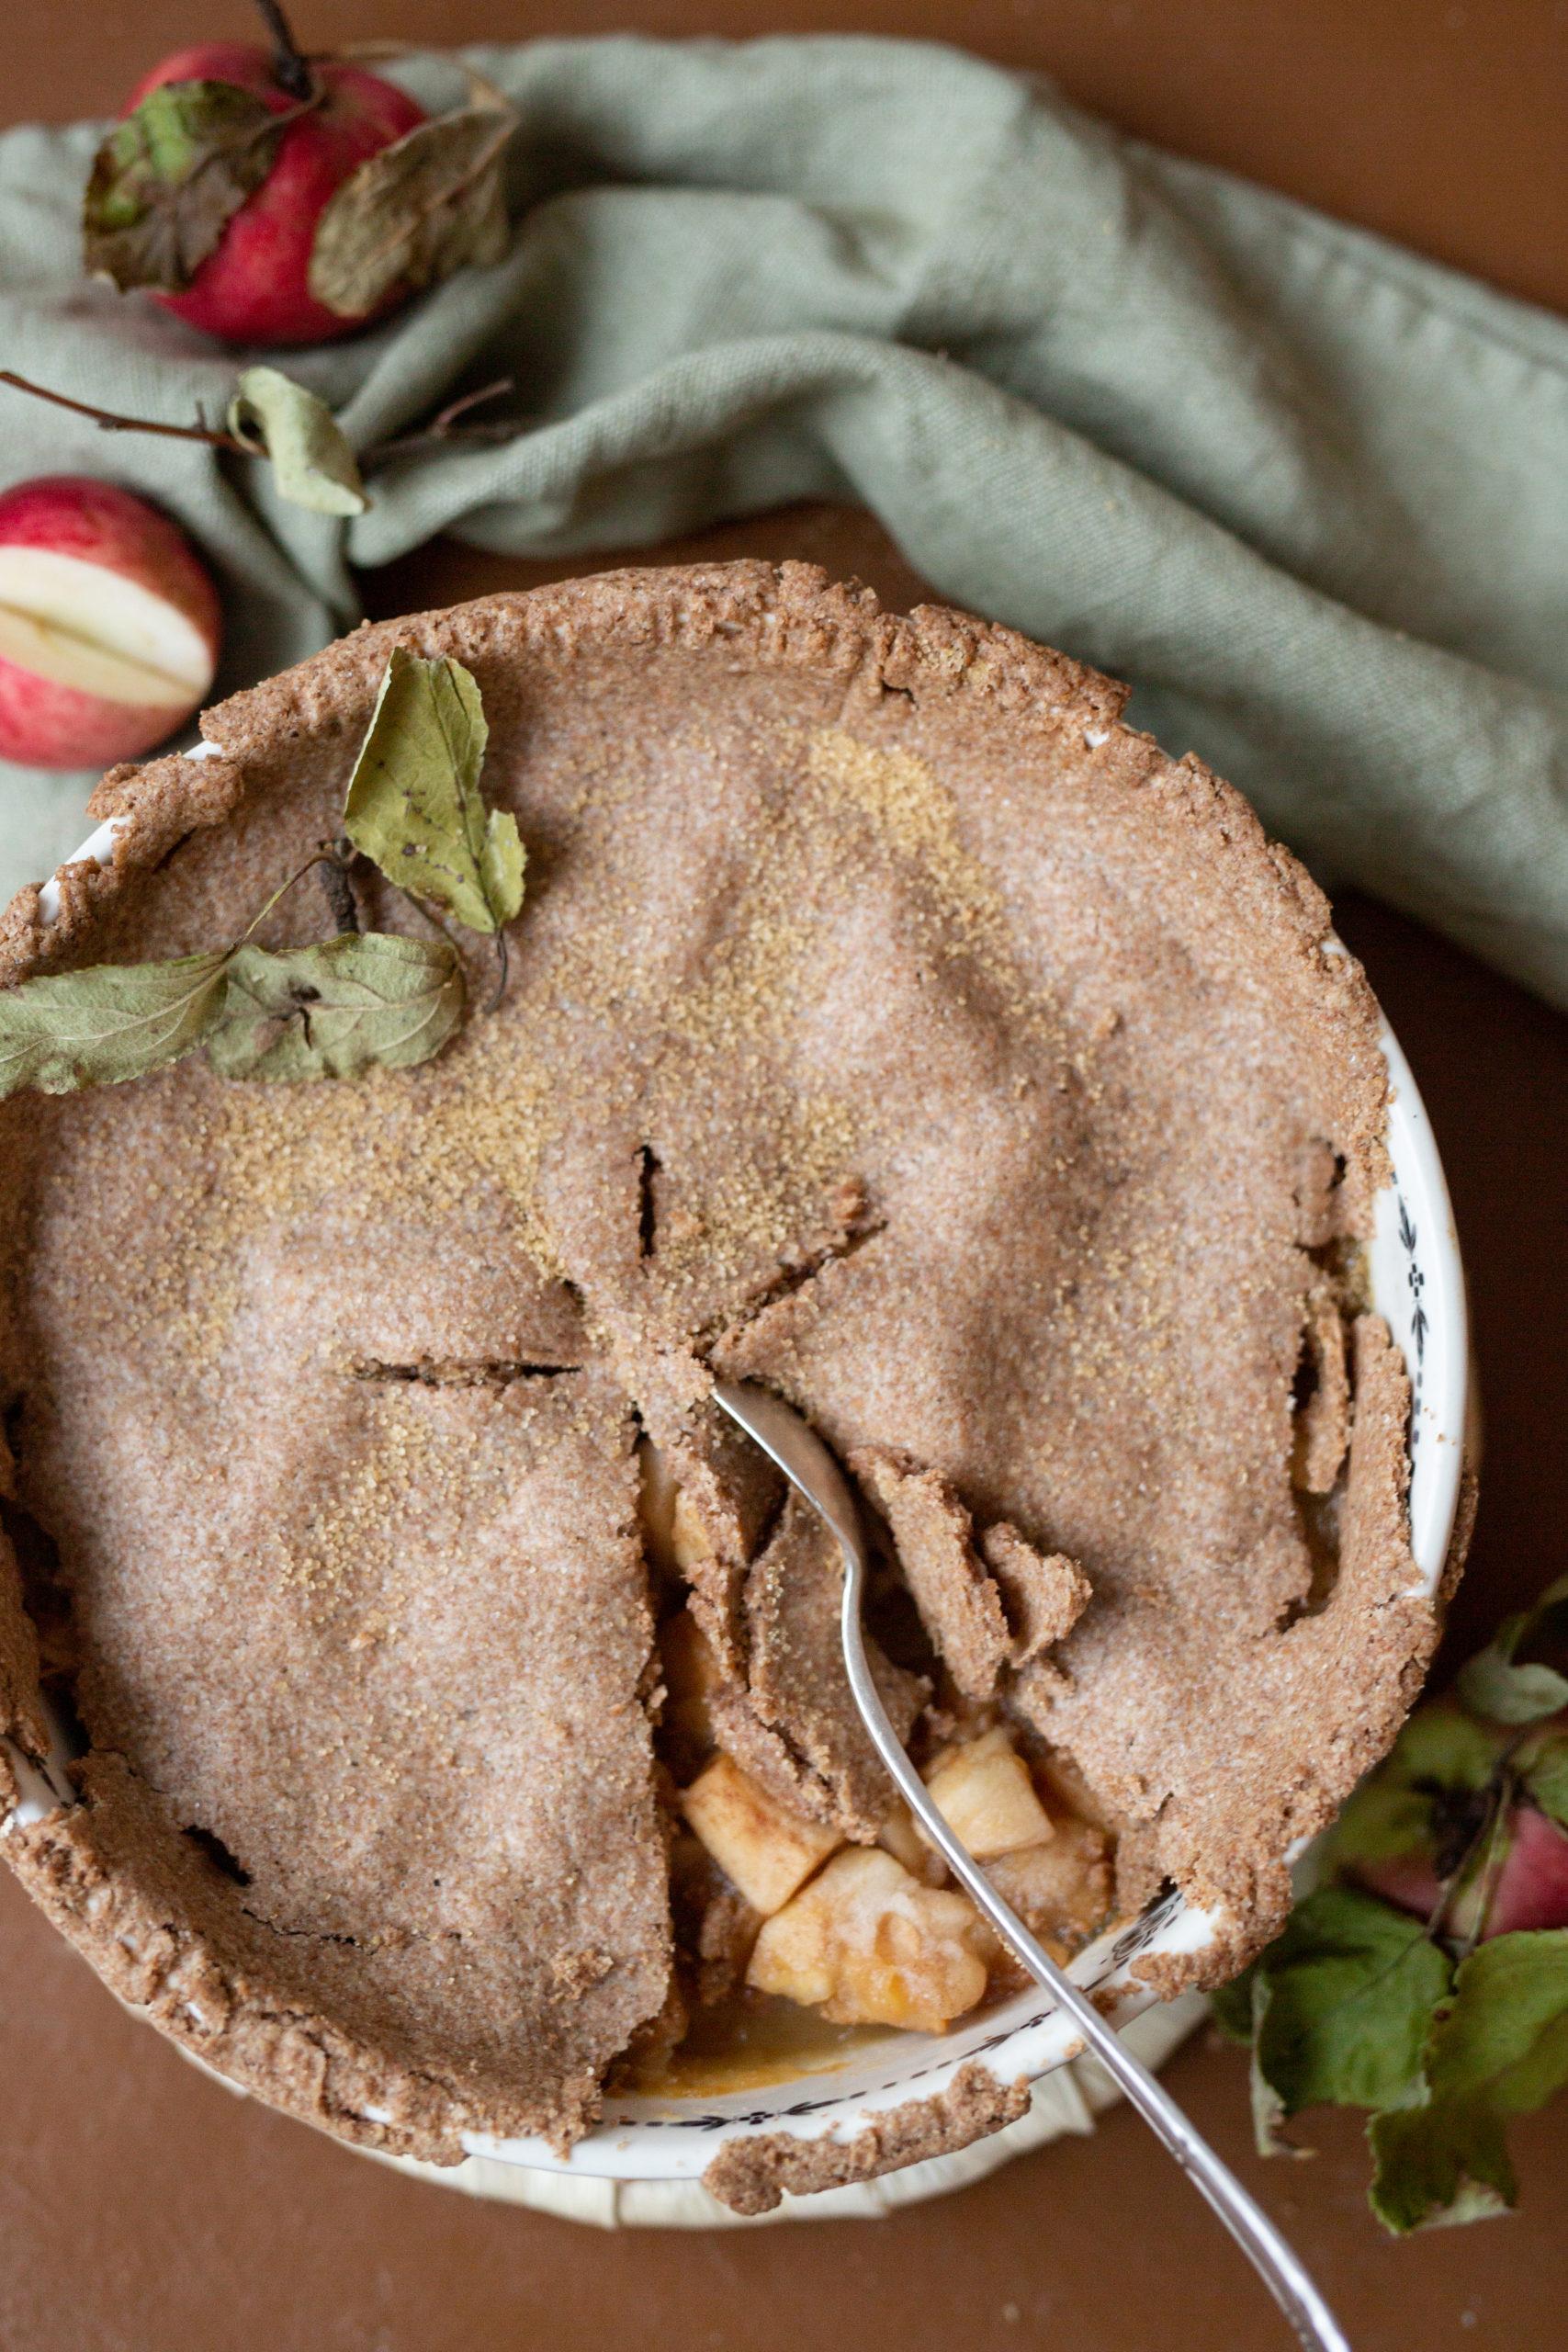 Apple pie - für ein verregnetes Wochenende | Gesunde vegane Rezepte, Fermentation, Nachhaltigkeit - Syl Gervais